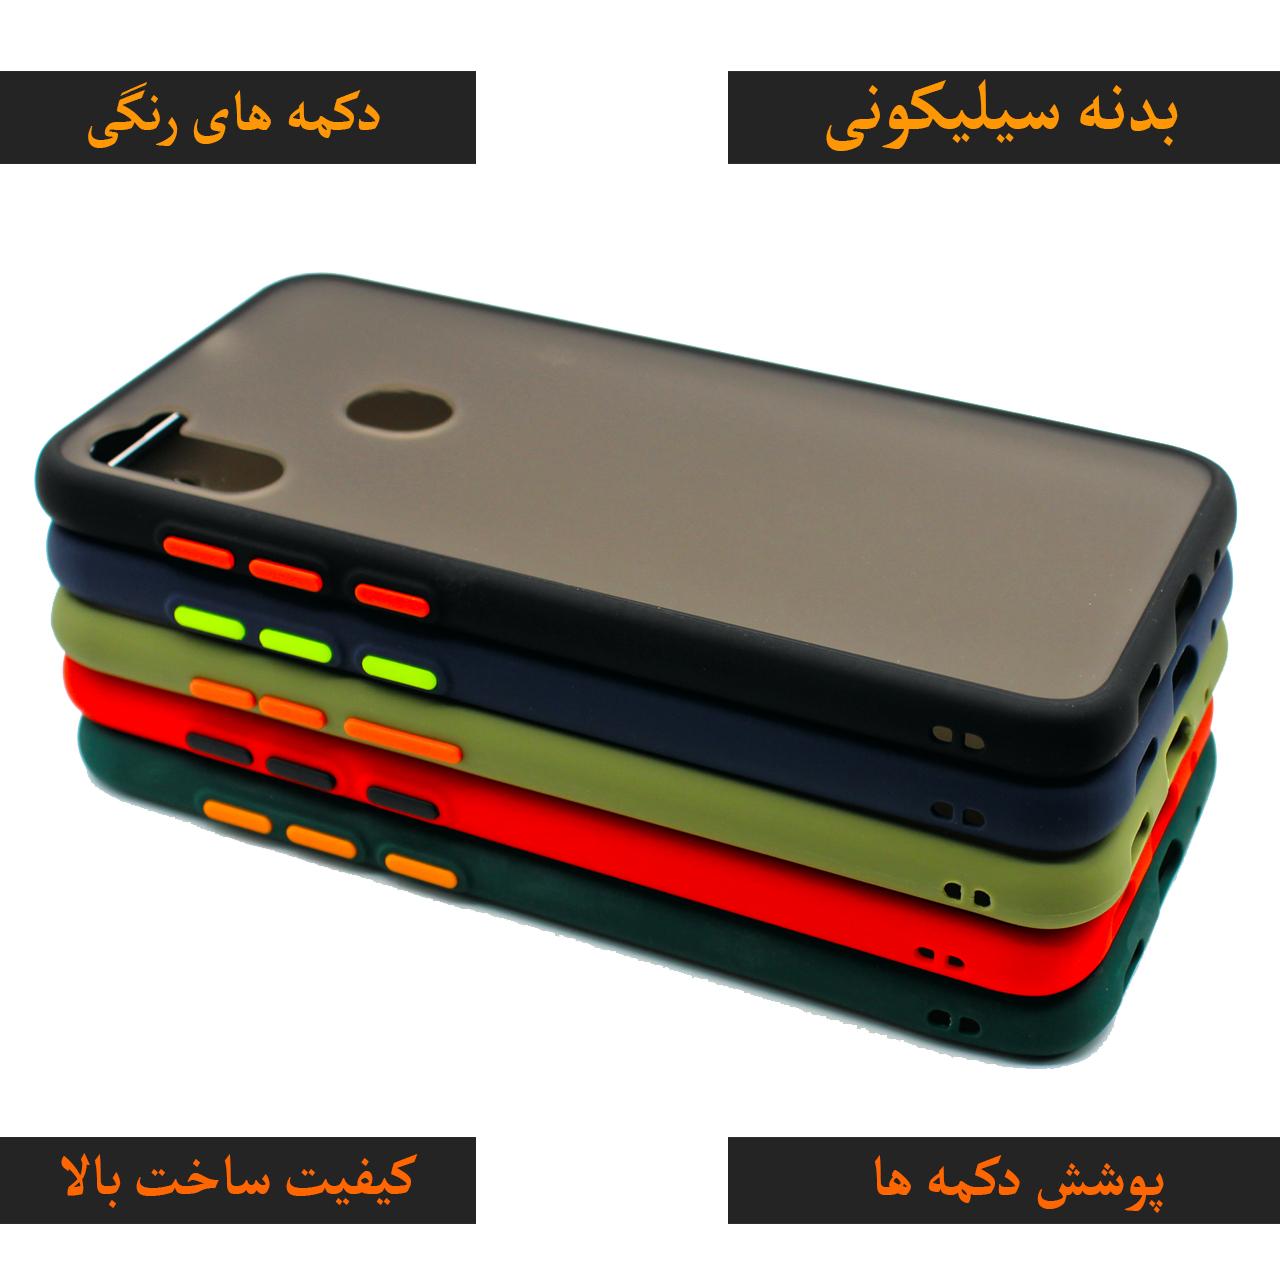 کاور کینگ پاور مدل M21 مناسب برای گوشی موبایل سامسونگ Galaxy A11 main 1 18